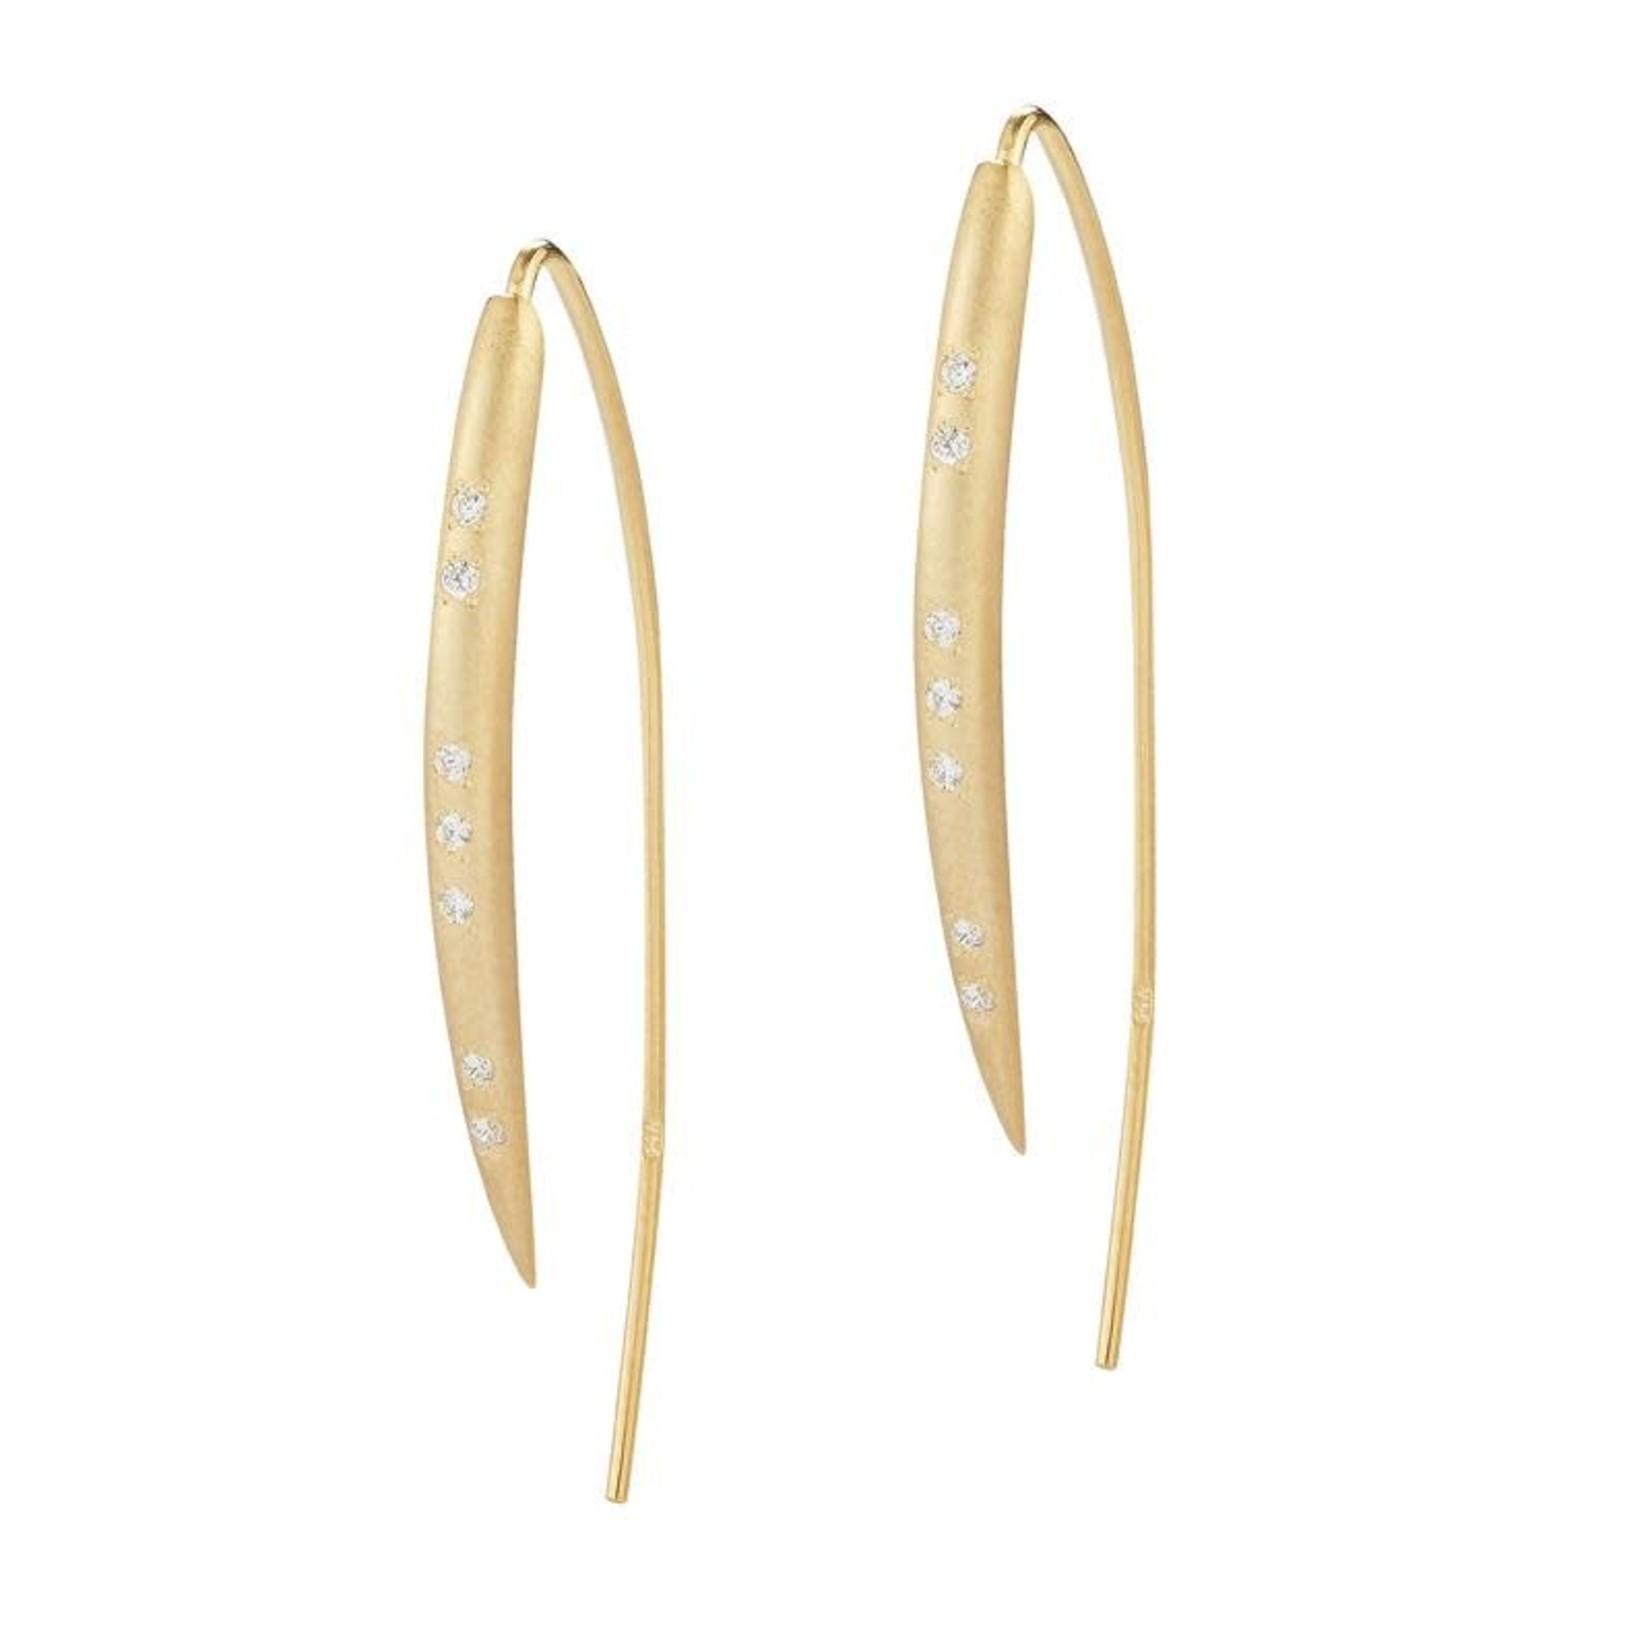 14KY satin wire hook Earrings 0.15